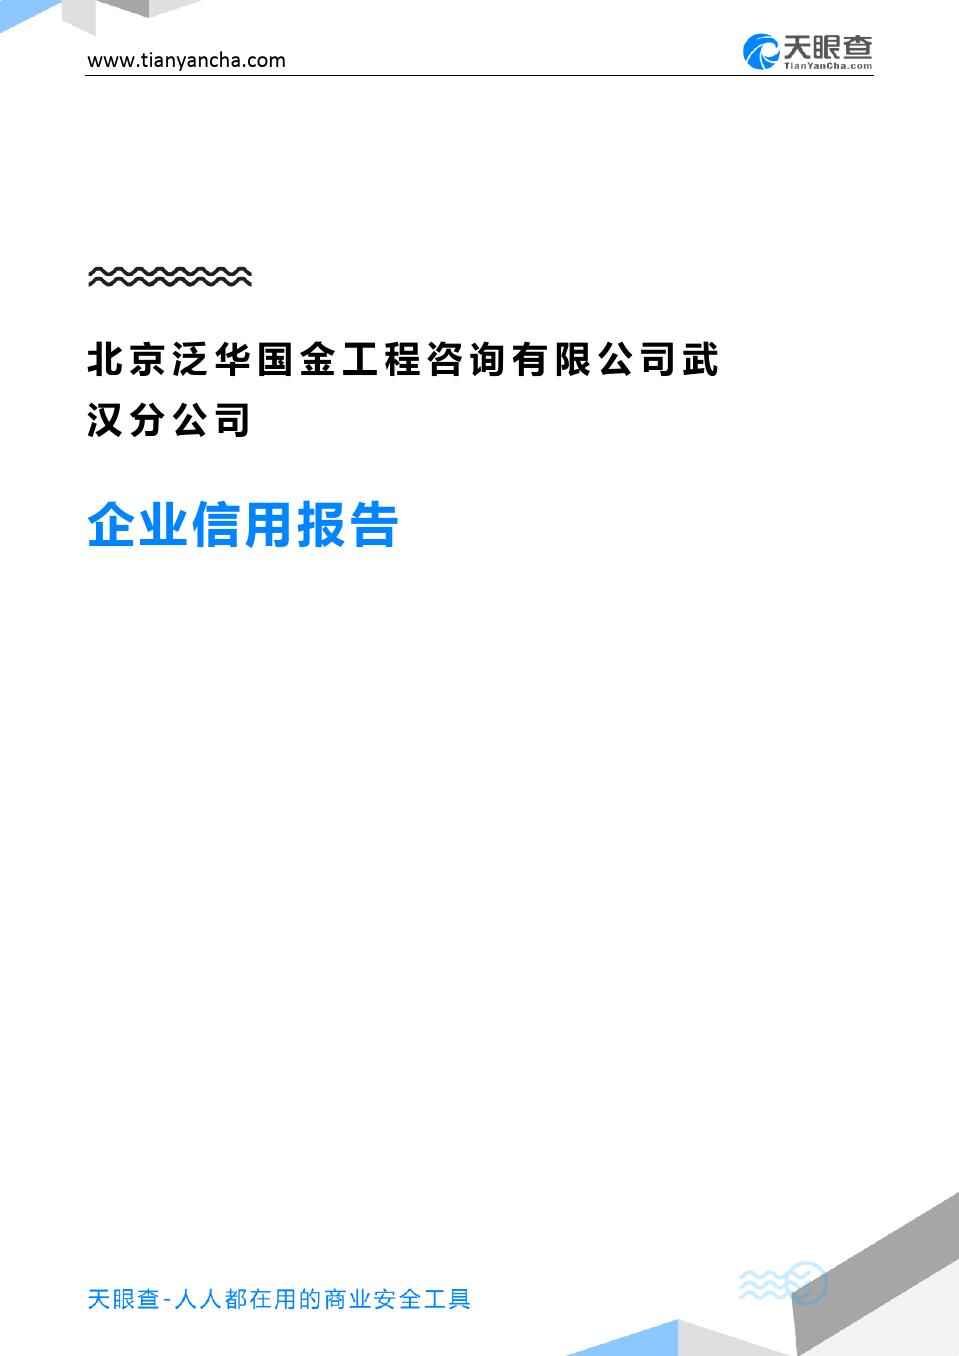 北京泛华国金工程咨询武汉分屏幕设计psled素材企业背景图片